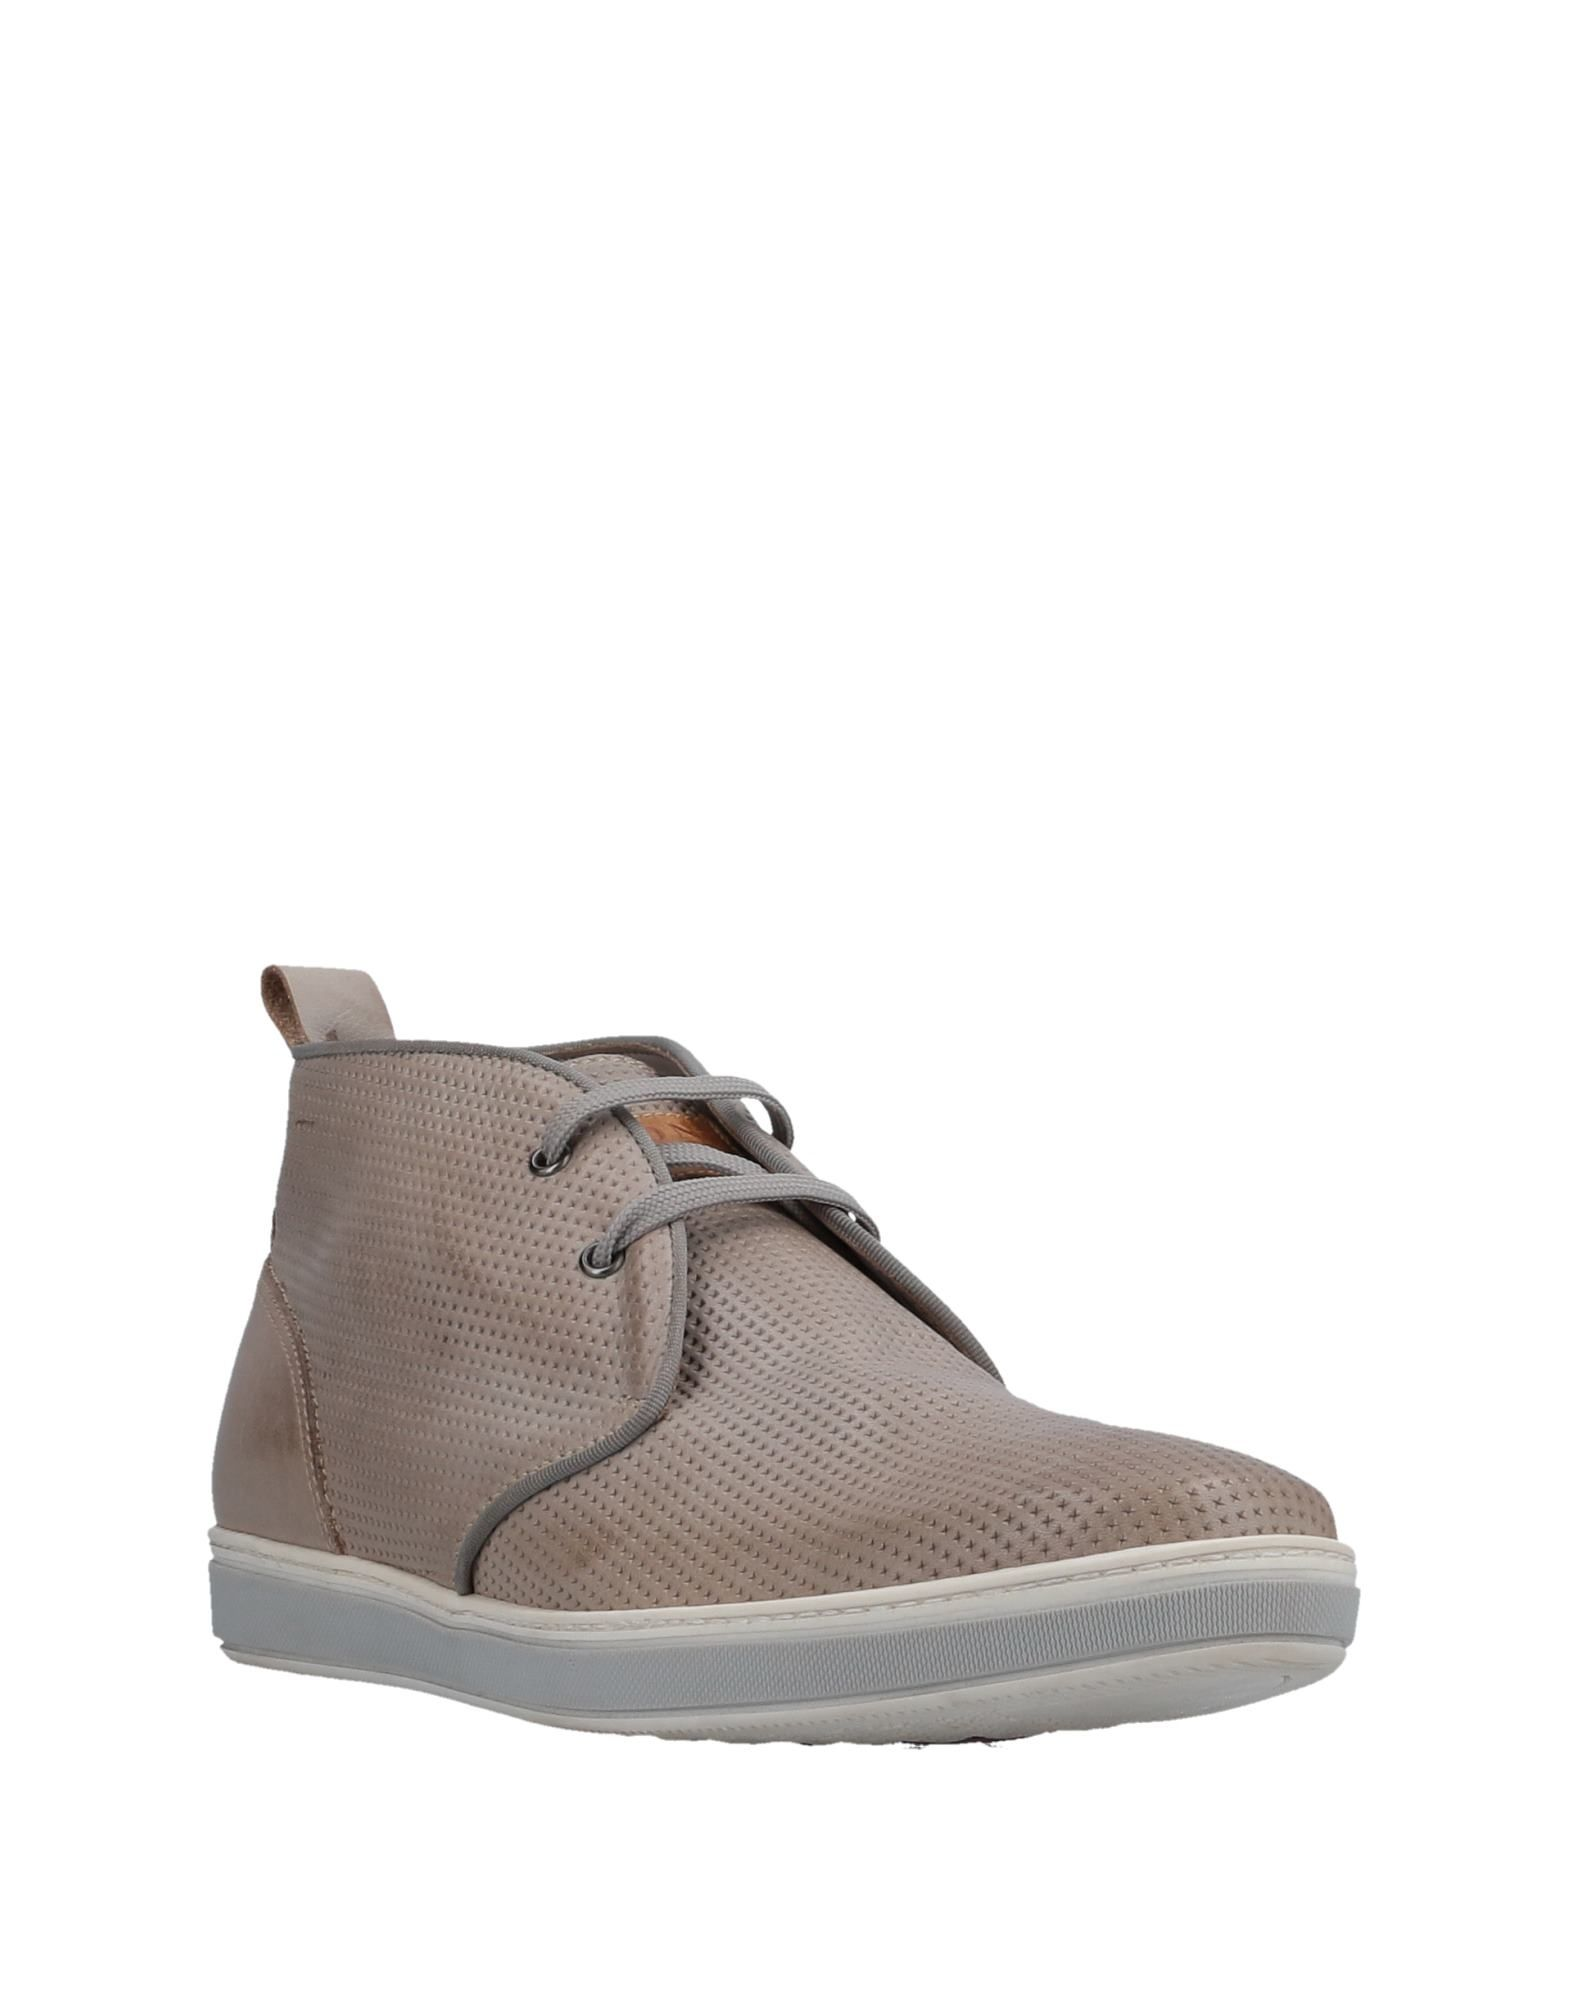 Rabatt Herren echte Schuhe Lion Stiefelette Herren Rabatt  11511113SA 902919